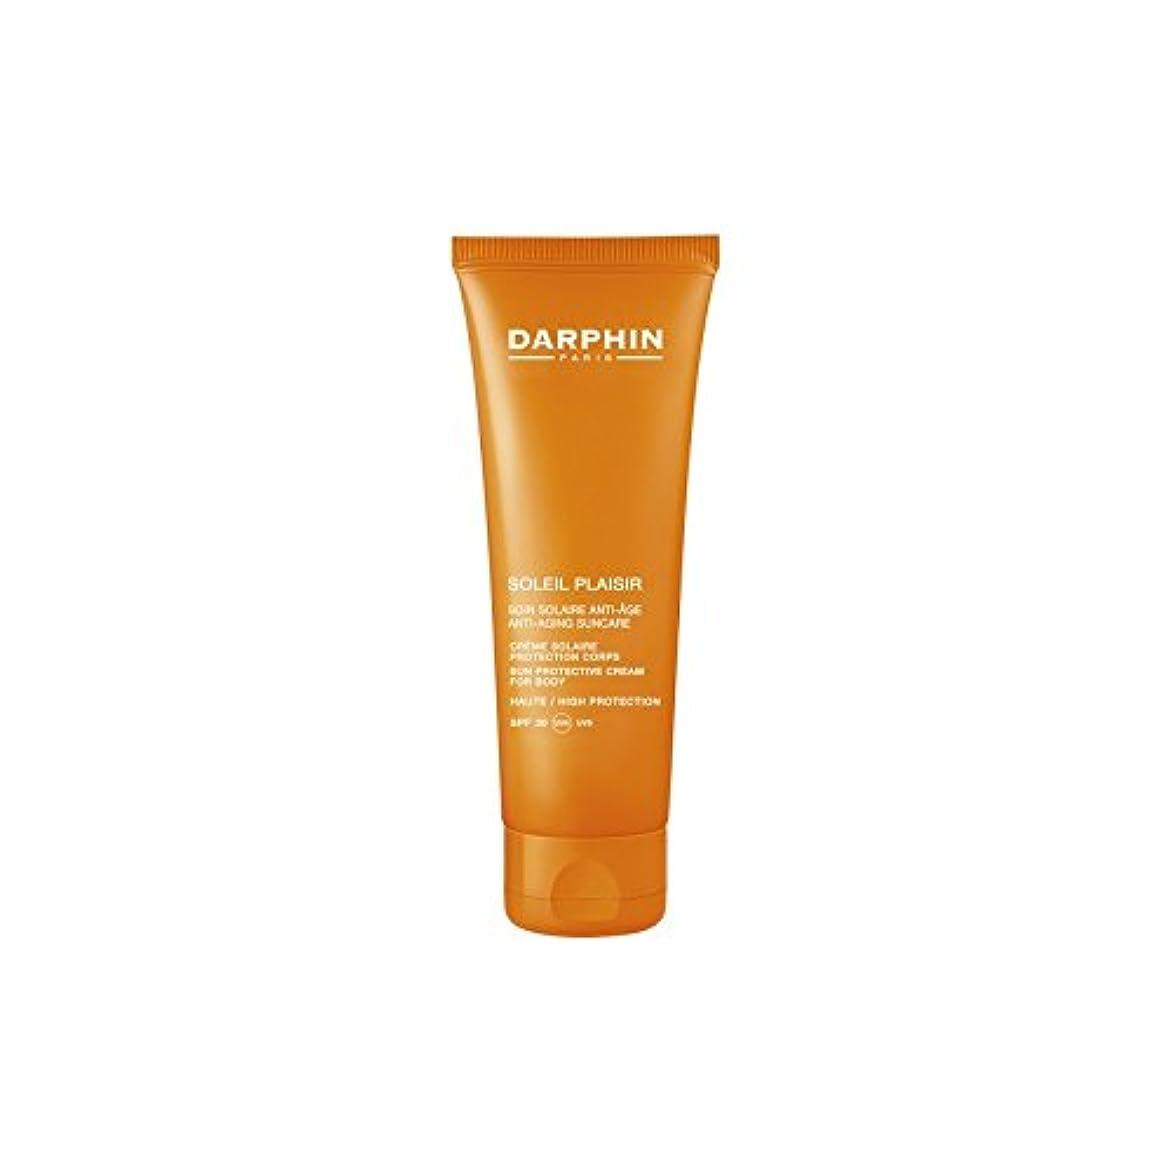 不快な健康的組み合わせダルファンソレイユプレジールボディクリーム x4 - Darphin Soleil Plaisir Body Cream (Pack of 4) [並行輸入品]